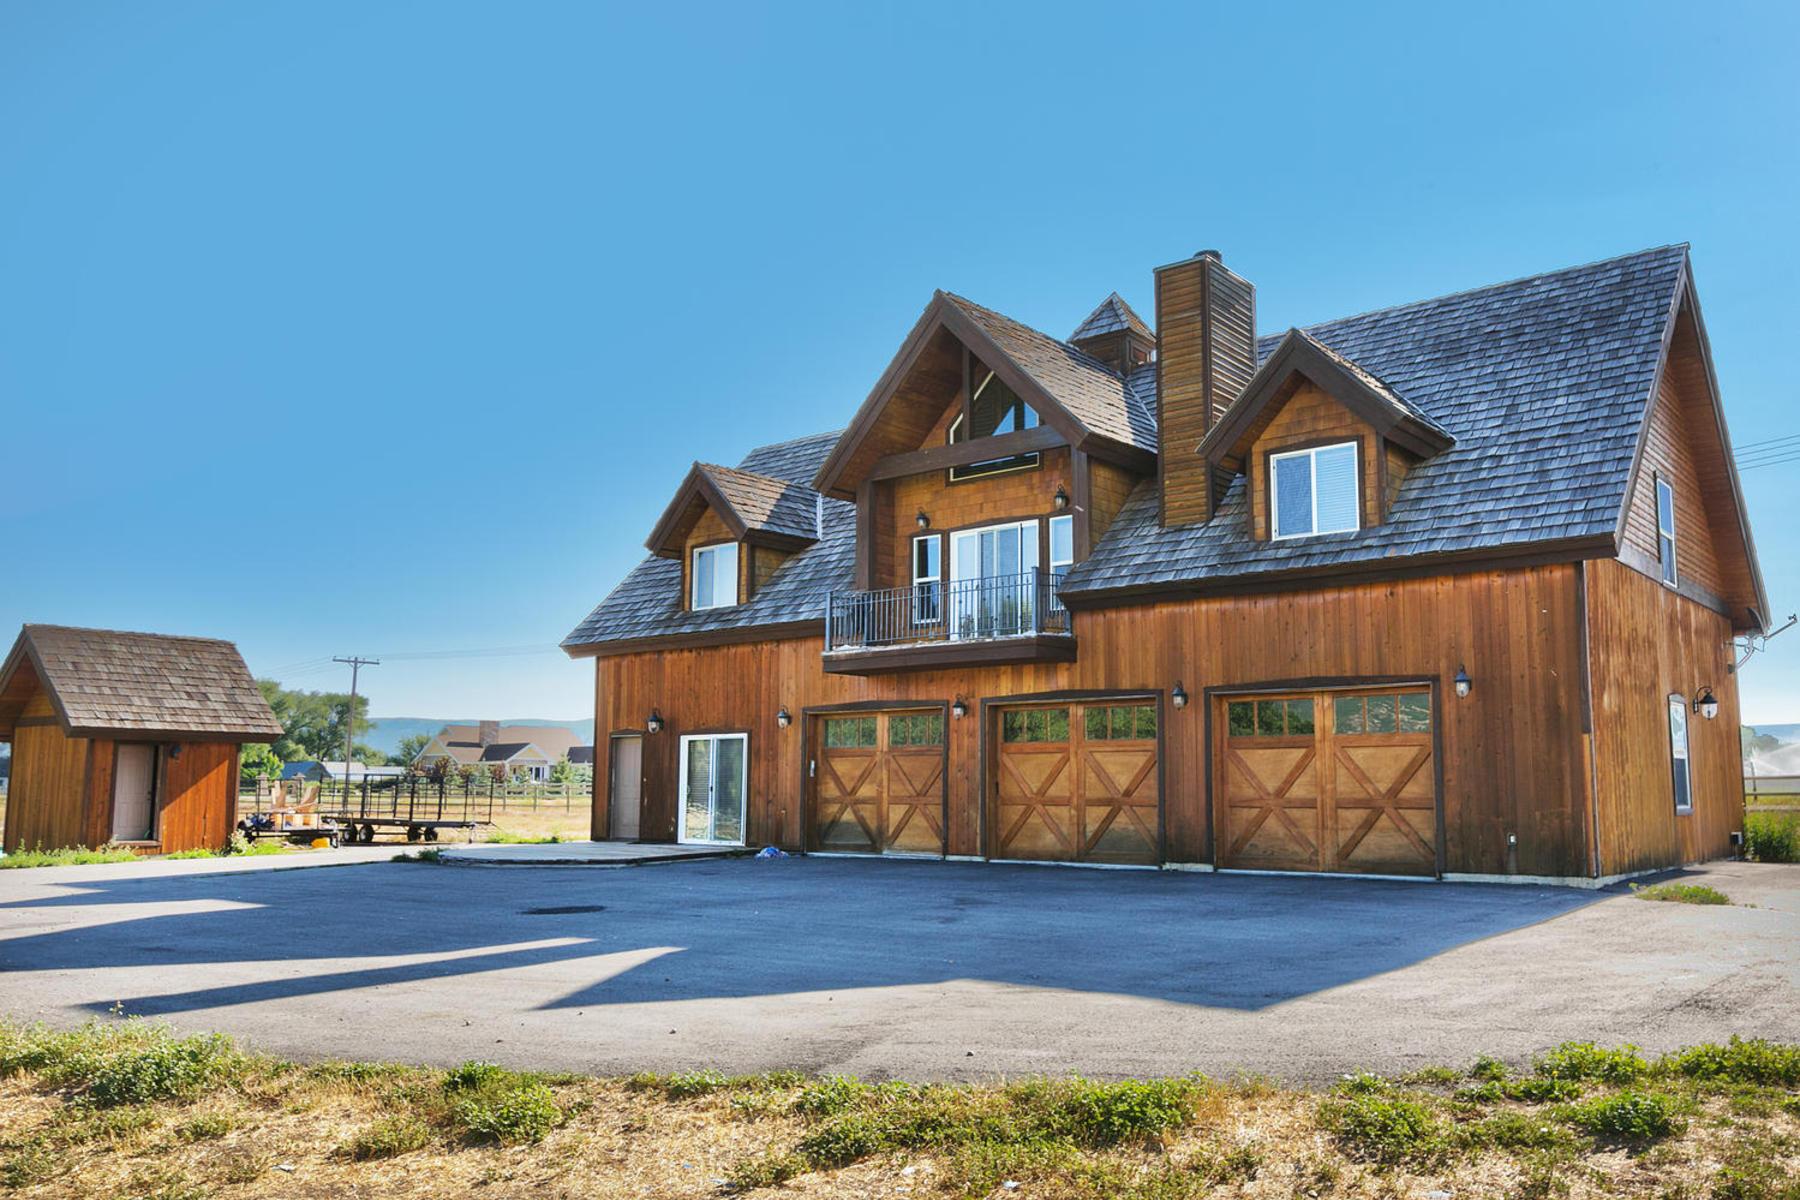 단독 가정 주택 용 매매 에 Delightful Home on 8.5 Acres 2790 South 3600 West Charleston, 유타 84049 미국